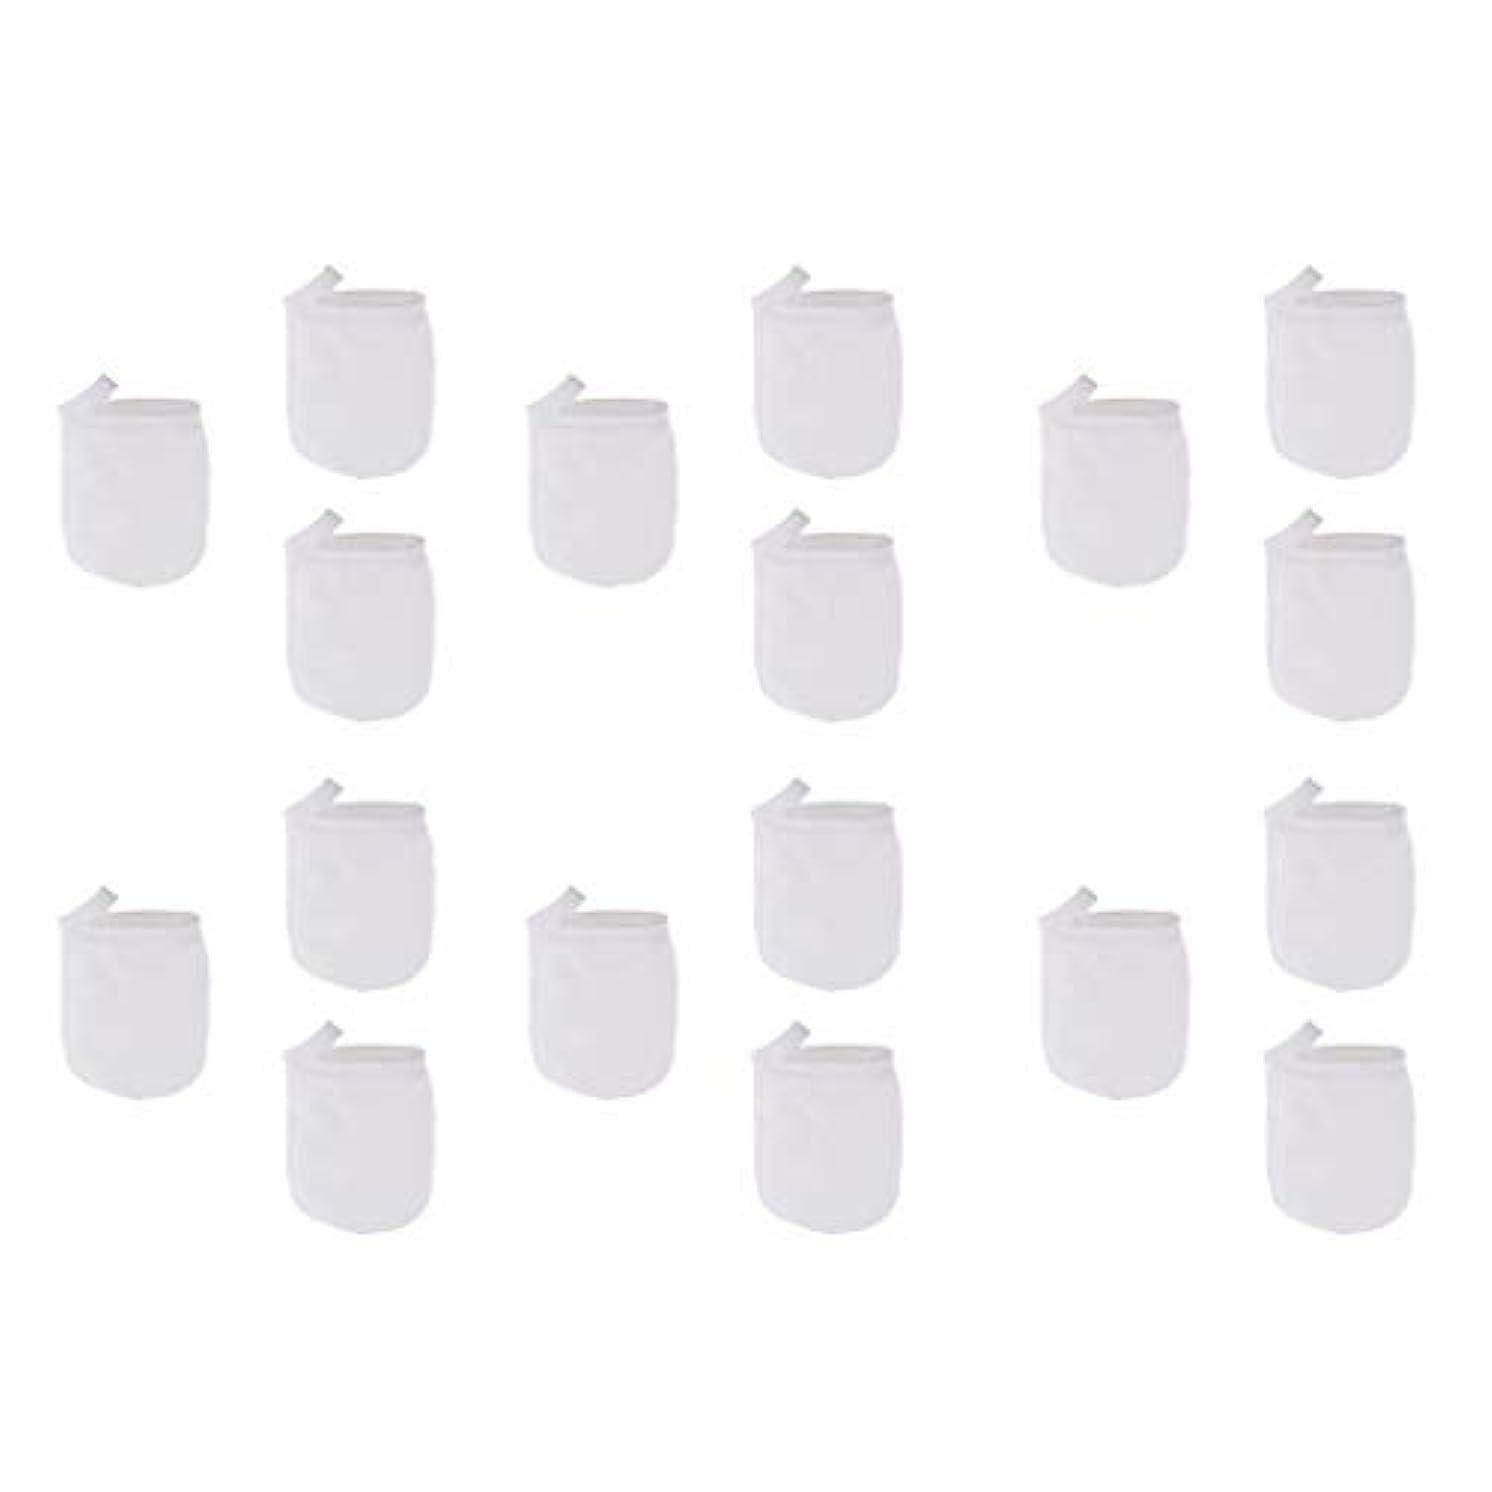 T TOOYFUL 洗顔手袋 洗顔グローブ クレンジンググローブ メイク落とし手袋 マイクロファイバー 約18個パック